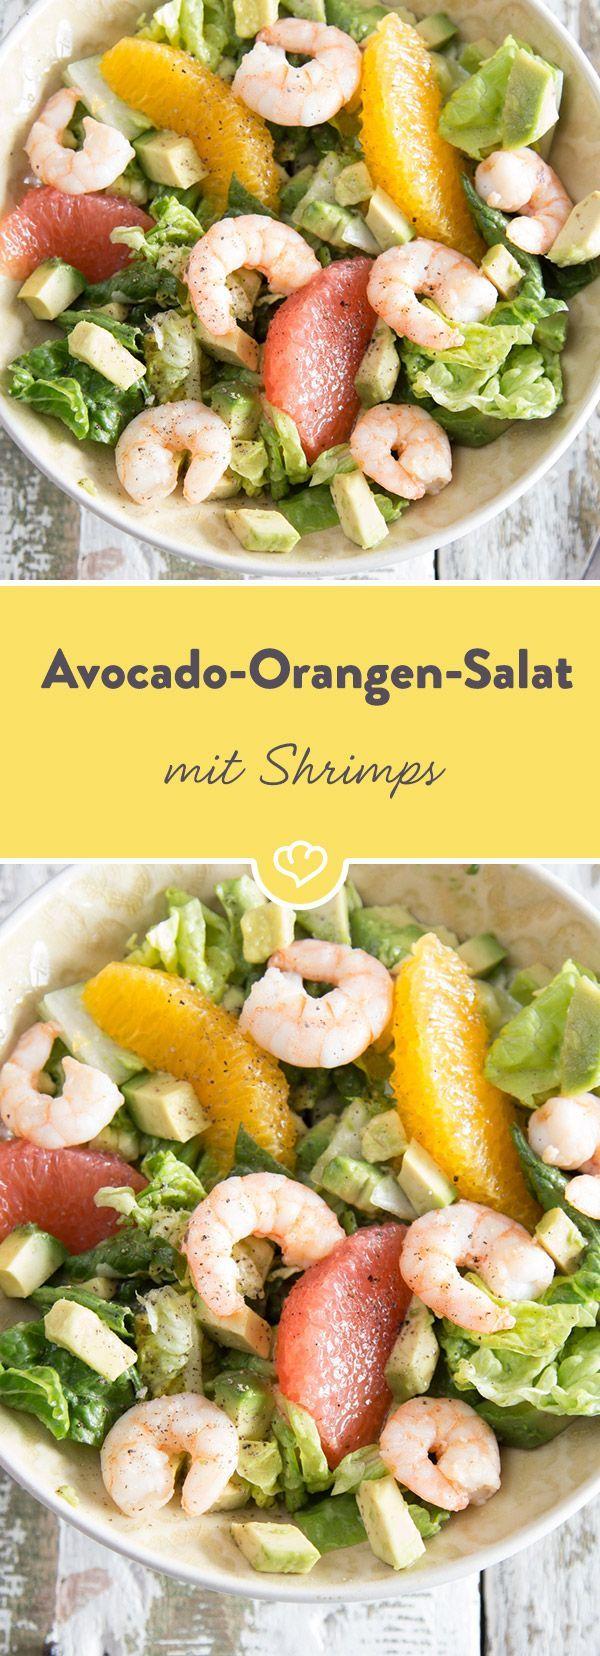 Würzige Shrimps und cremige Avocado werden gemeinsam mit knackigen Salatherzen, herben Grapefruits und fruchtigen Orangen, zu einem spritzigen Salat.